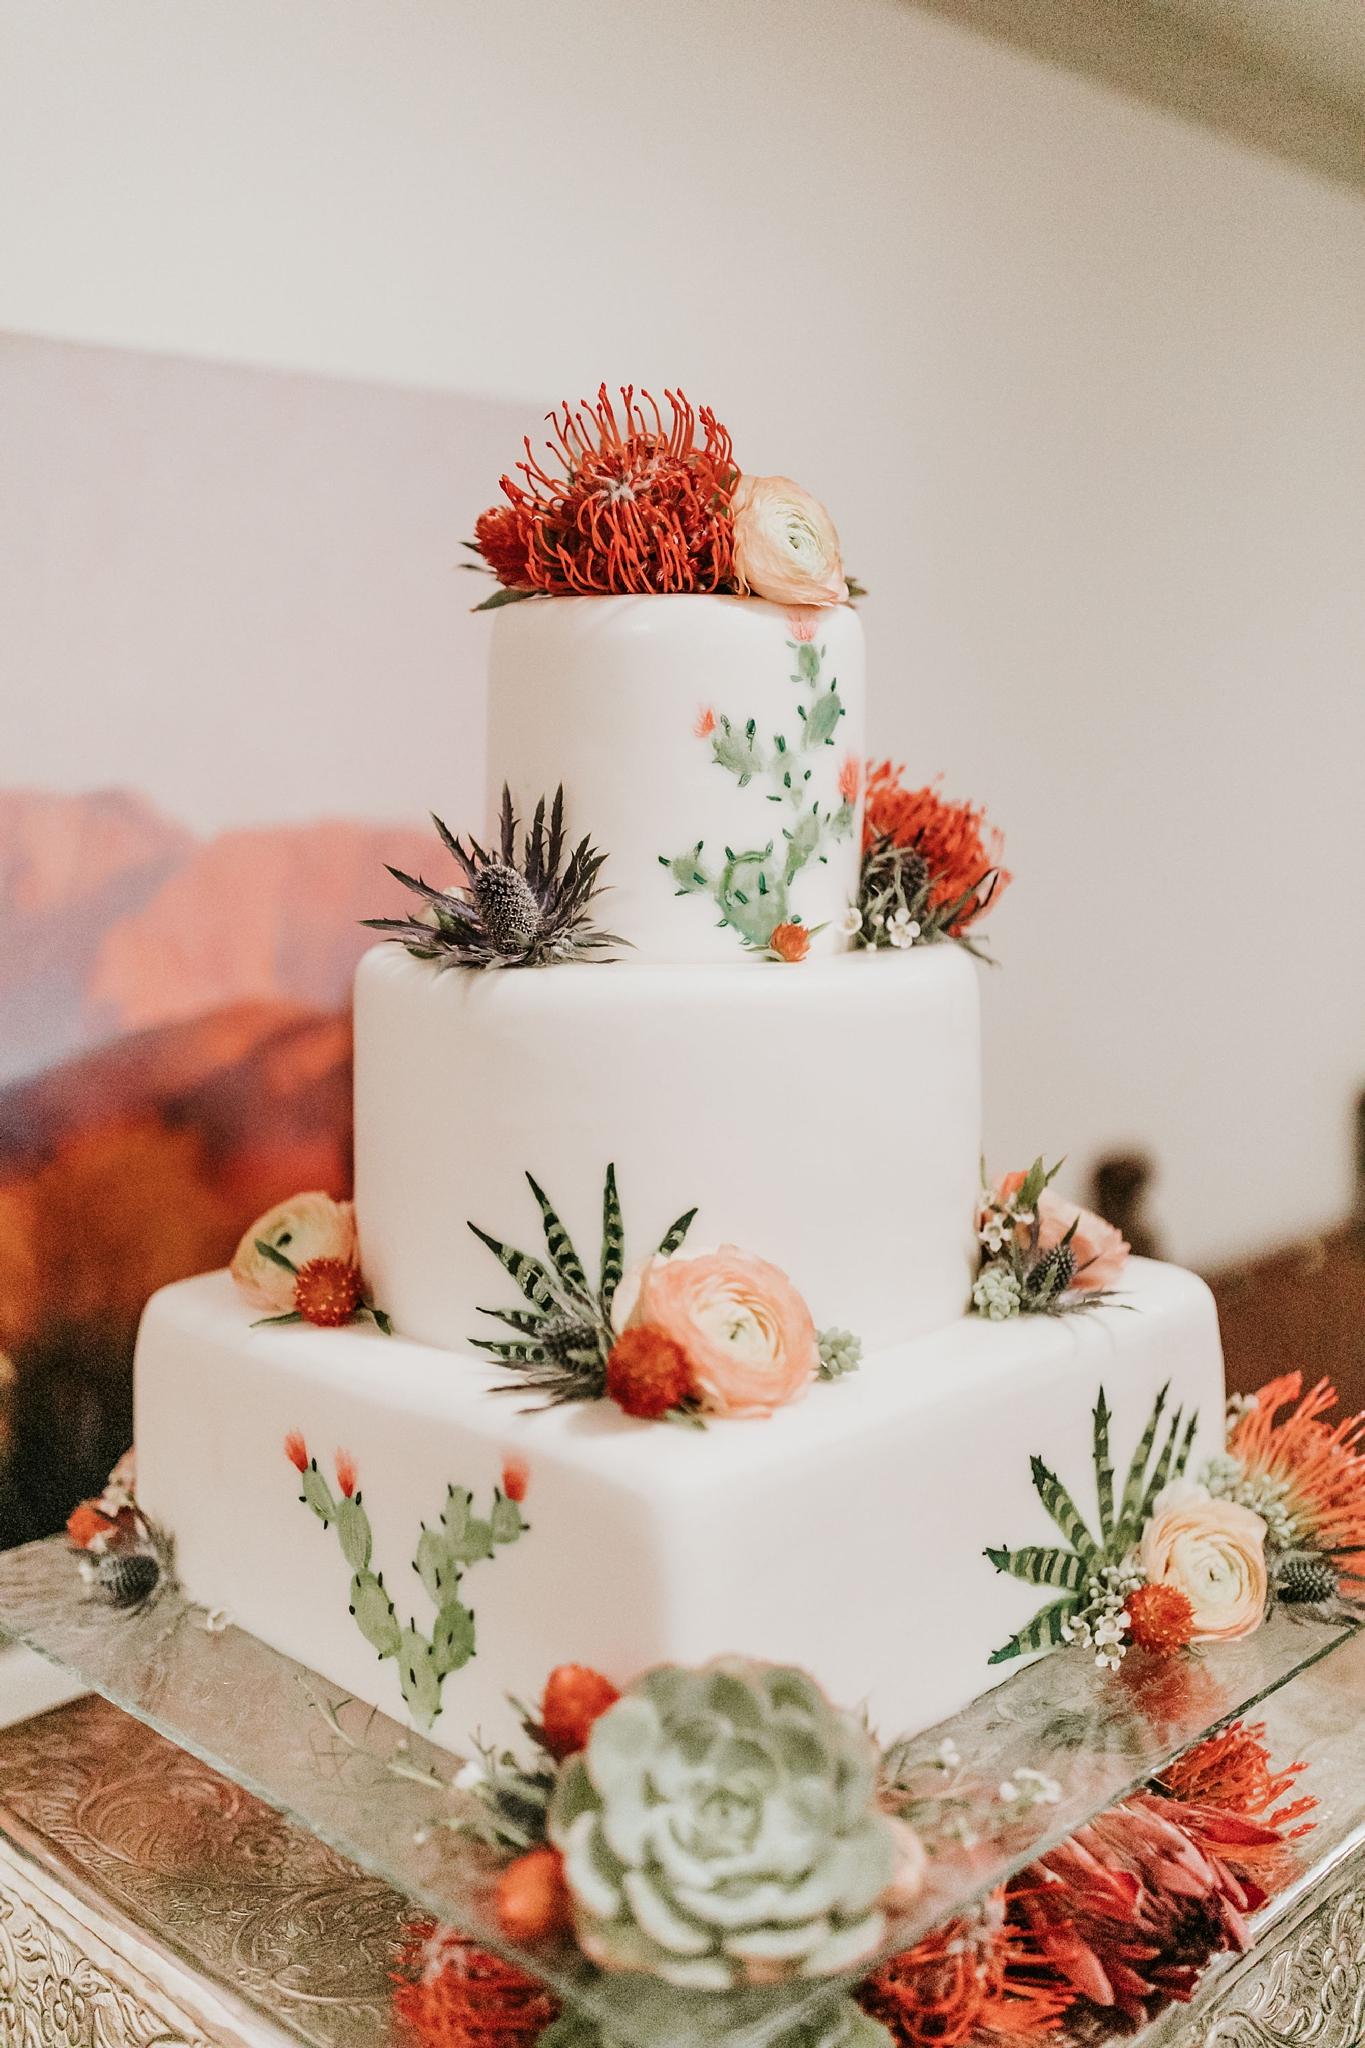 Alicia+lucia+photography+-+albuquerque+wedding+photographer+-+santa+fe+wedding+photography+-+new+mexico+wedding+photographer+-+wedding+reception+-+wedding+cake+-+wedding+sweets+-+maggies+cakes_0003.jpg